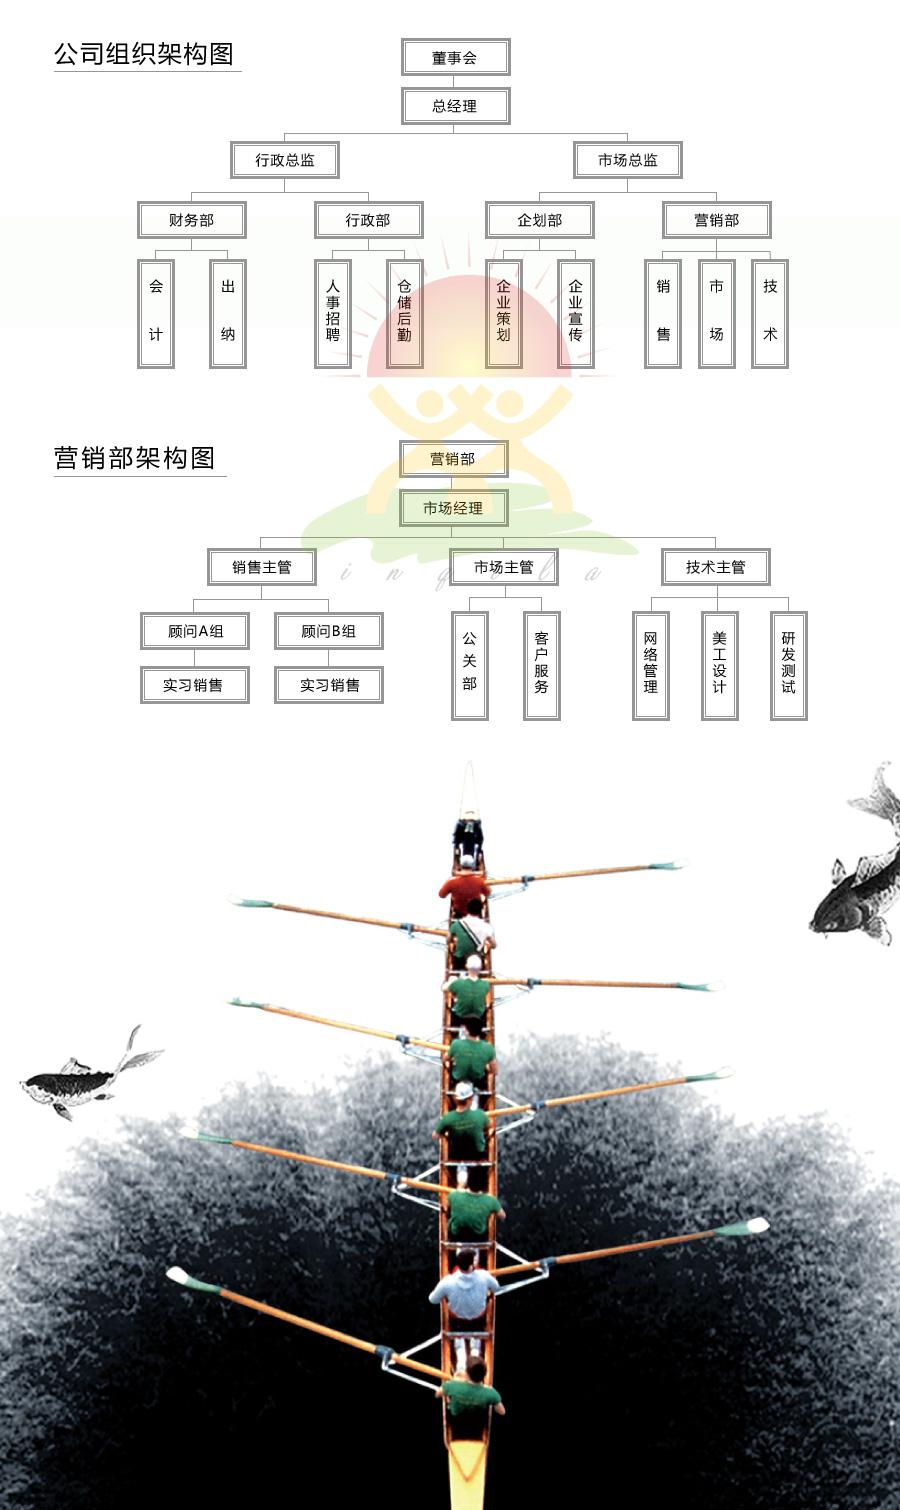 滑滑梯_淘氣堡_水上樂園_英奇利游樂設備廠組織架構.jpg